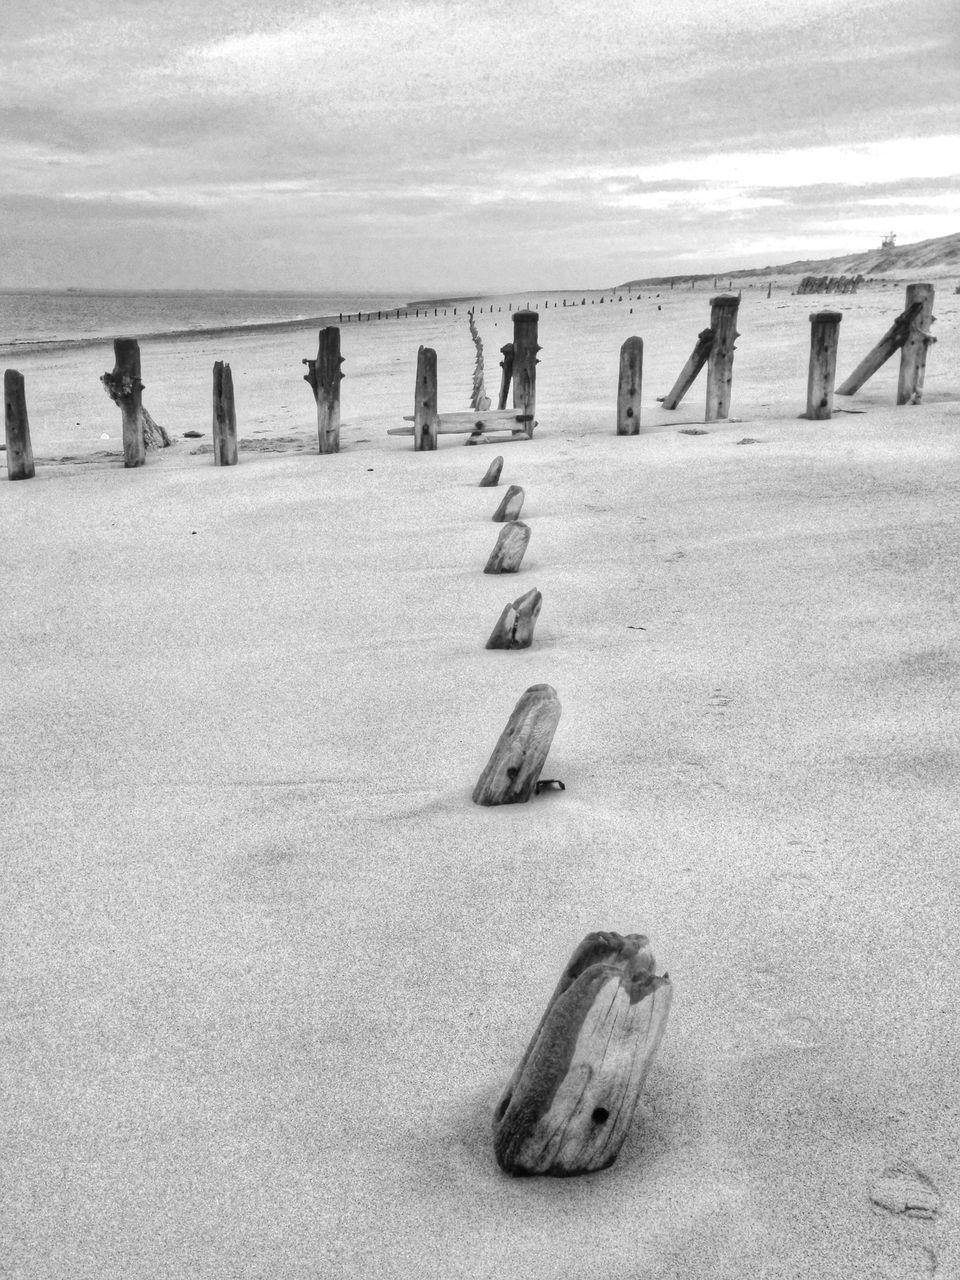 Poles On Beach